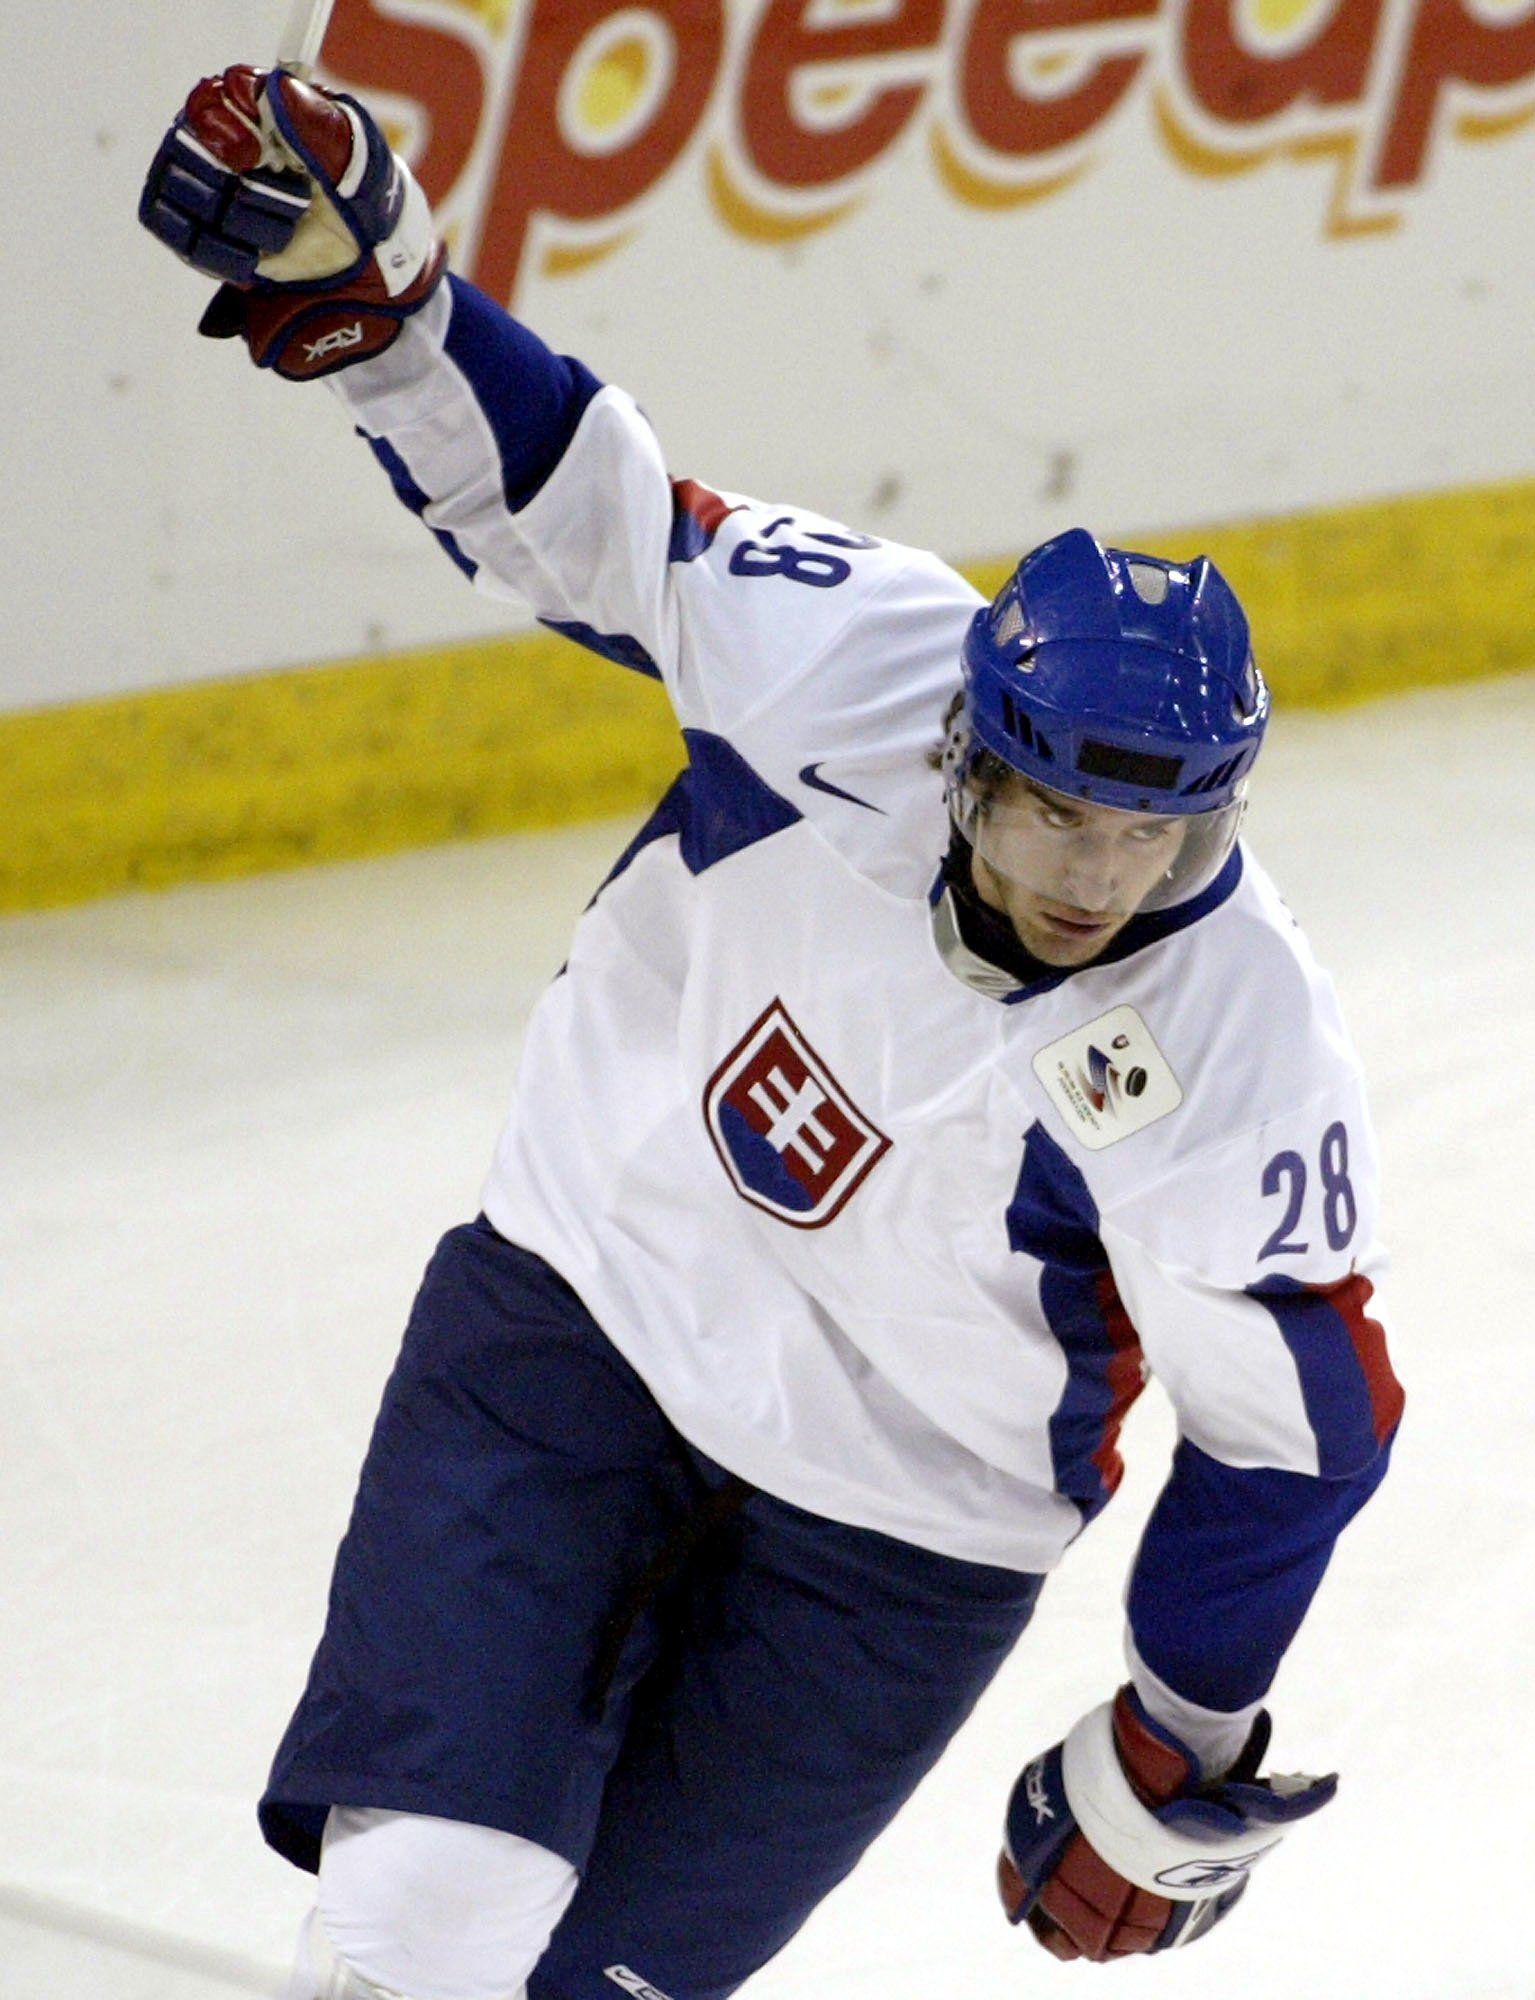 Boris Valábik: Keď som hrával v NHL, varovali ma pred tamojšími zlatokopkami. Najviac ma však ošklbala Slovenka (Rozhovor)